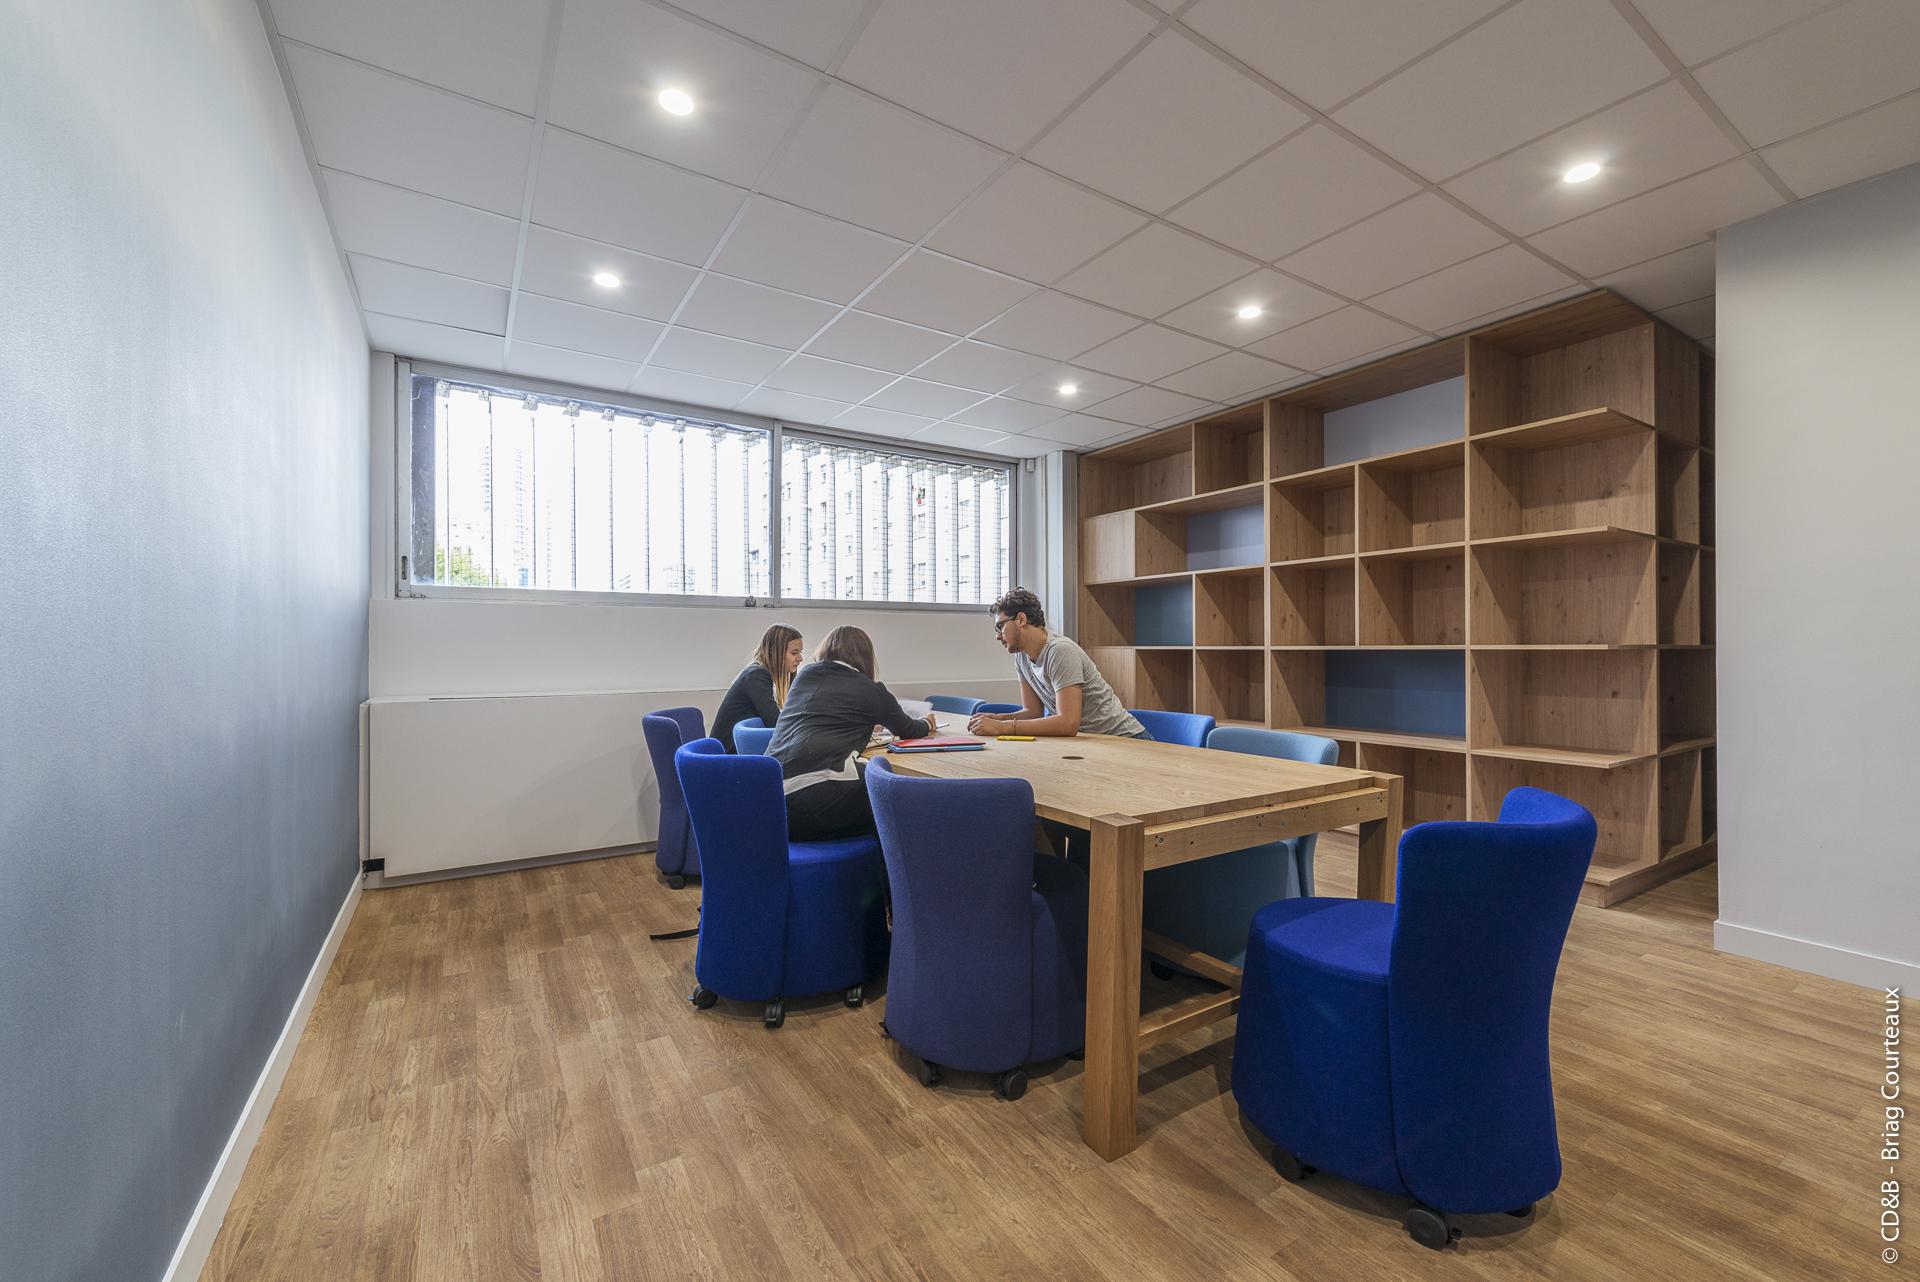 Conseil, aménagement, conception et réalisation des espaces de la société F. INICIATIVAS par CDB, Meet you there.